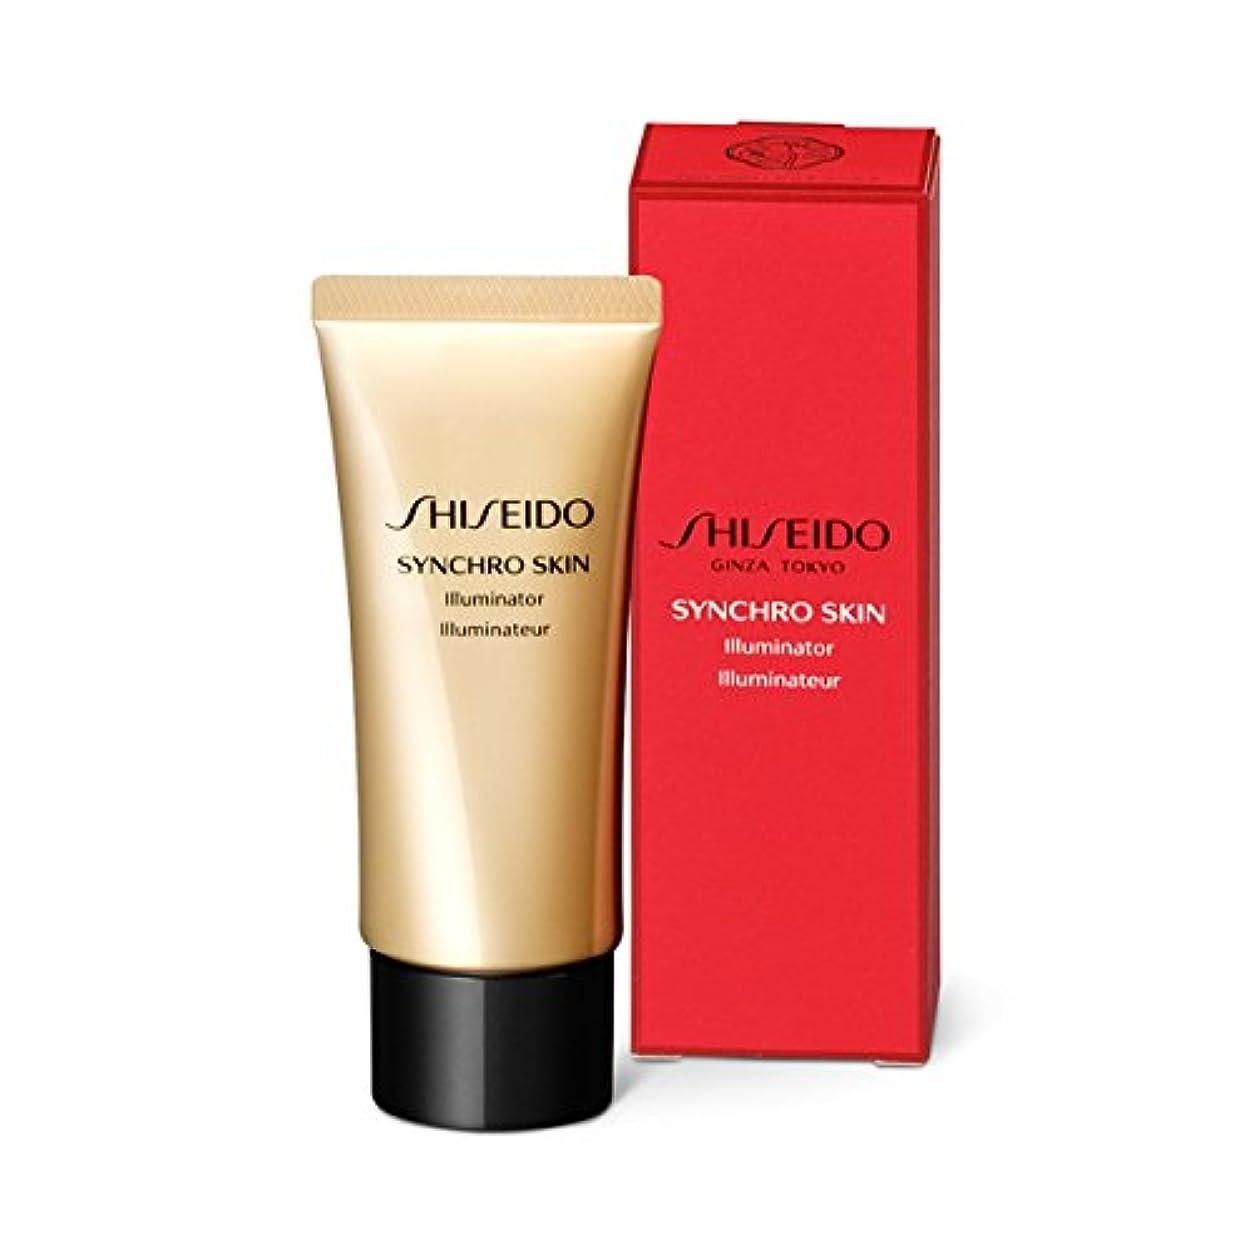 フロー急行する非効率的なSHISEIDO Makeup(資生堂 メーキャップ) SHISEIDO(資生堂) シンクロスキン イルミネーター 40g (ピュアゴールド)